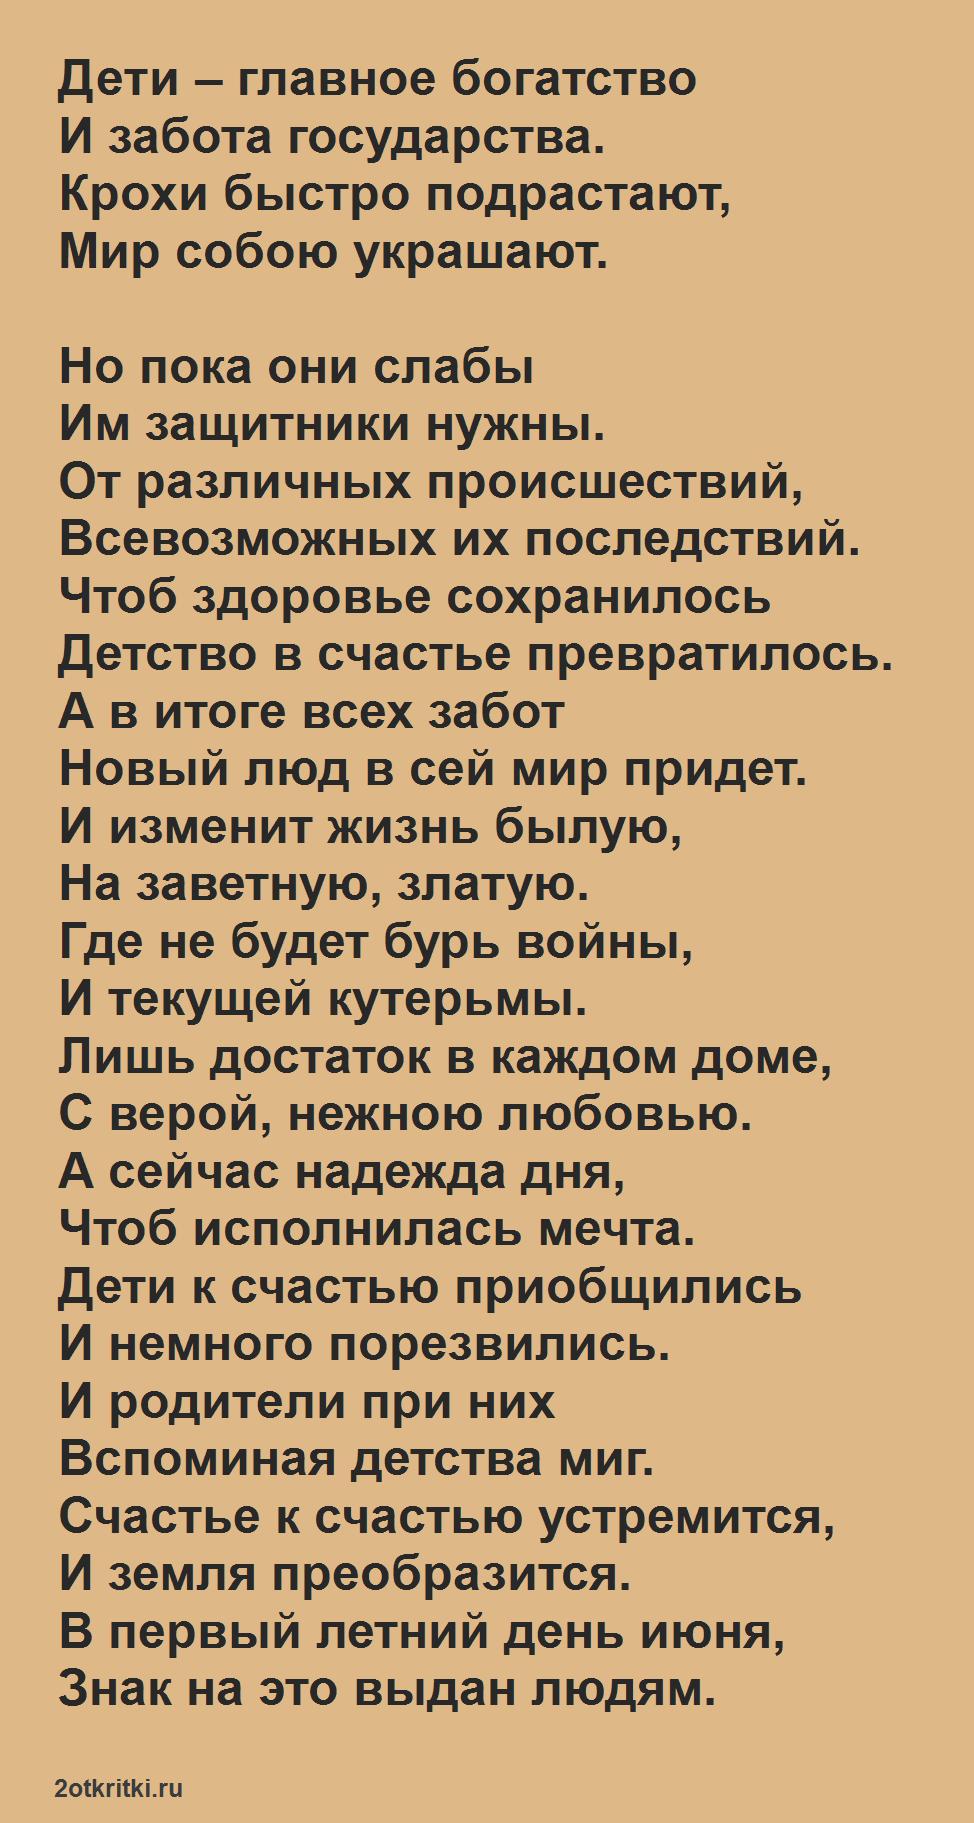 Стих на день детей 1 июня